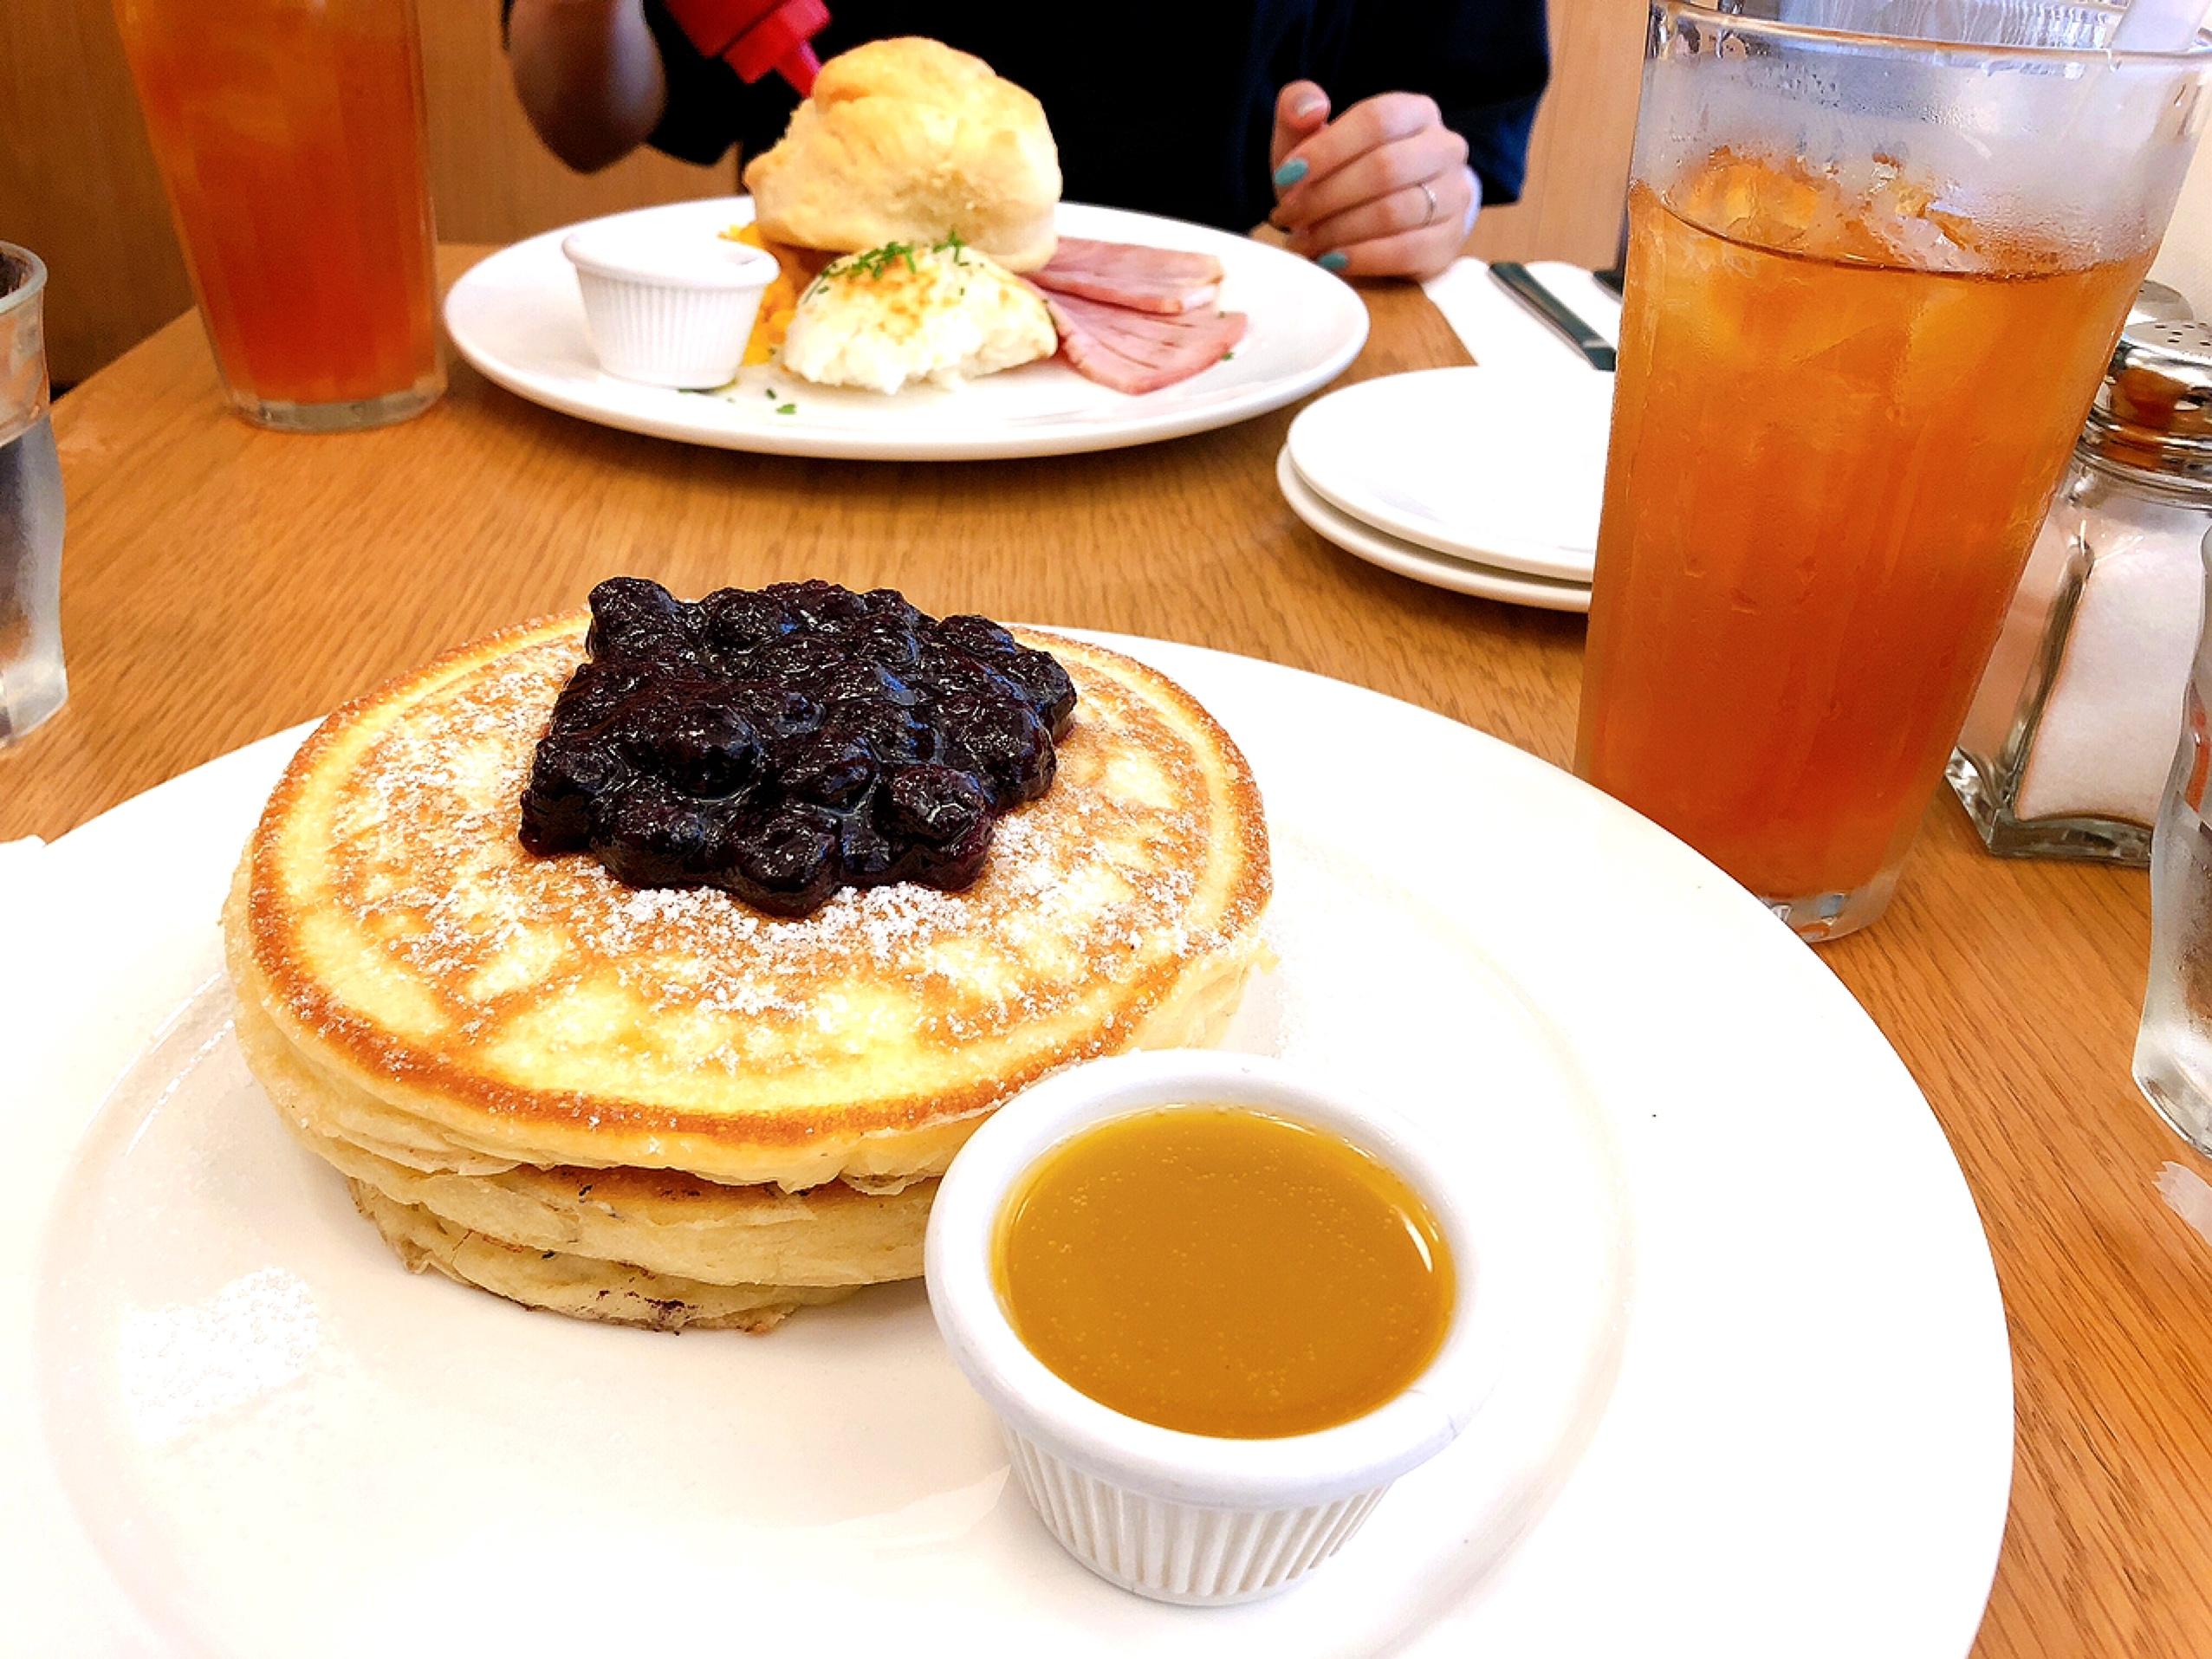 【表参道】NYで大人気のパンケーキを東京 南青山で♩CLINTON ST. BAKING COMPANY_2